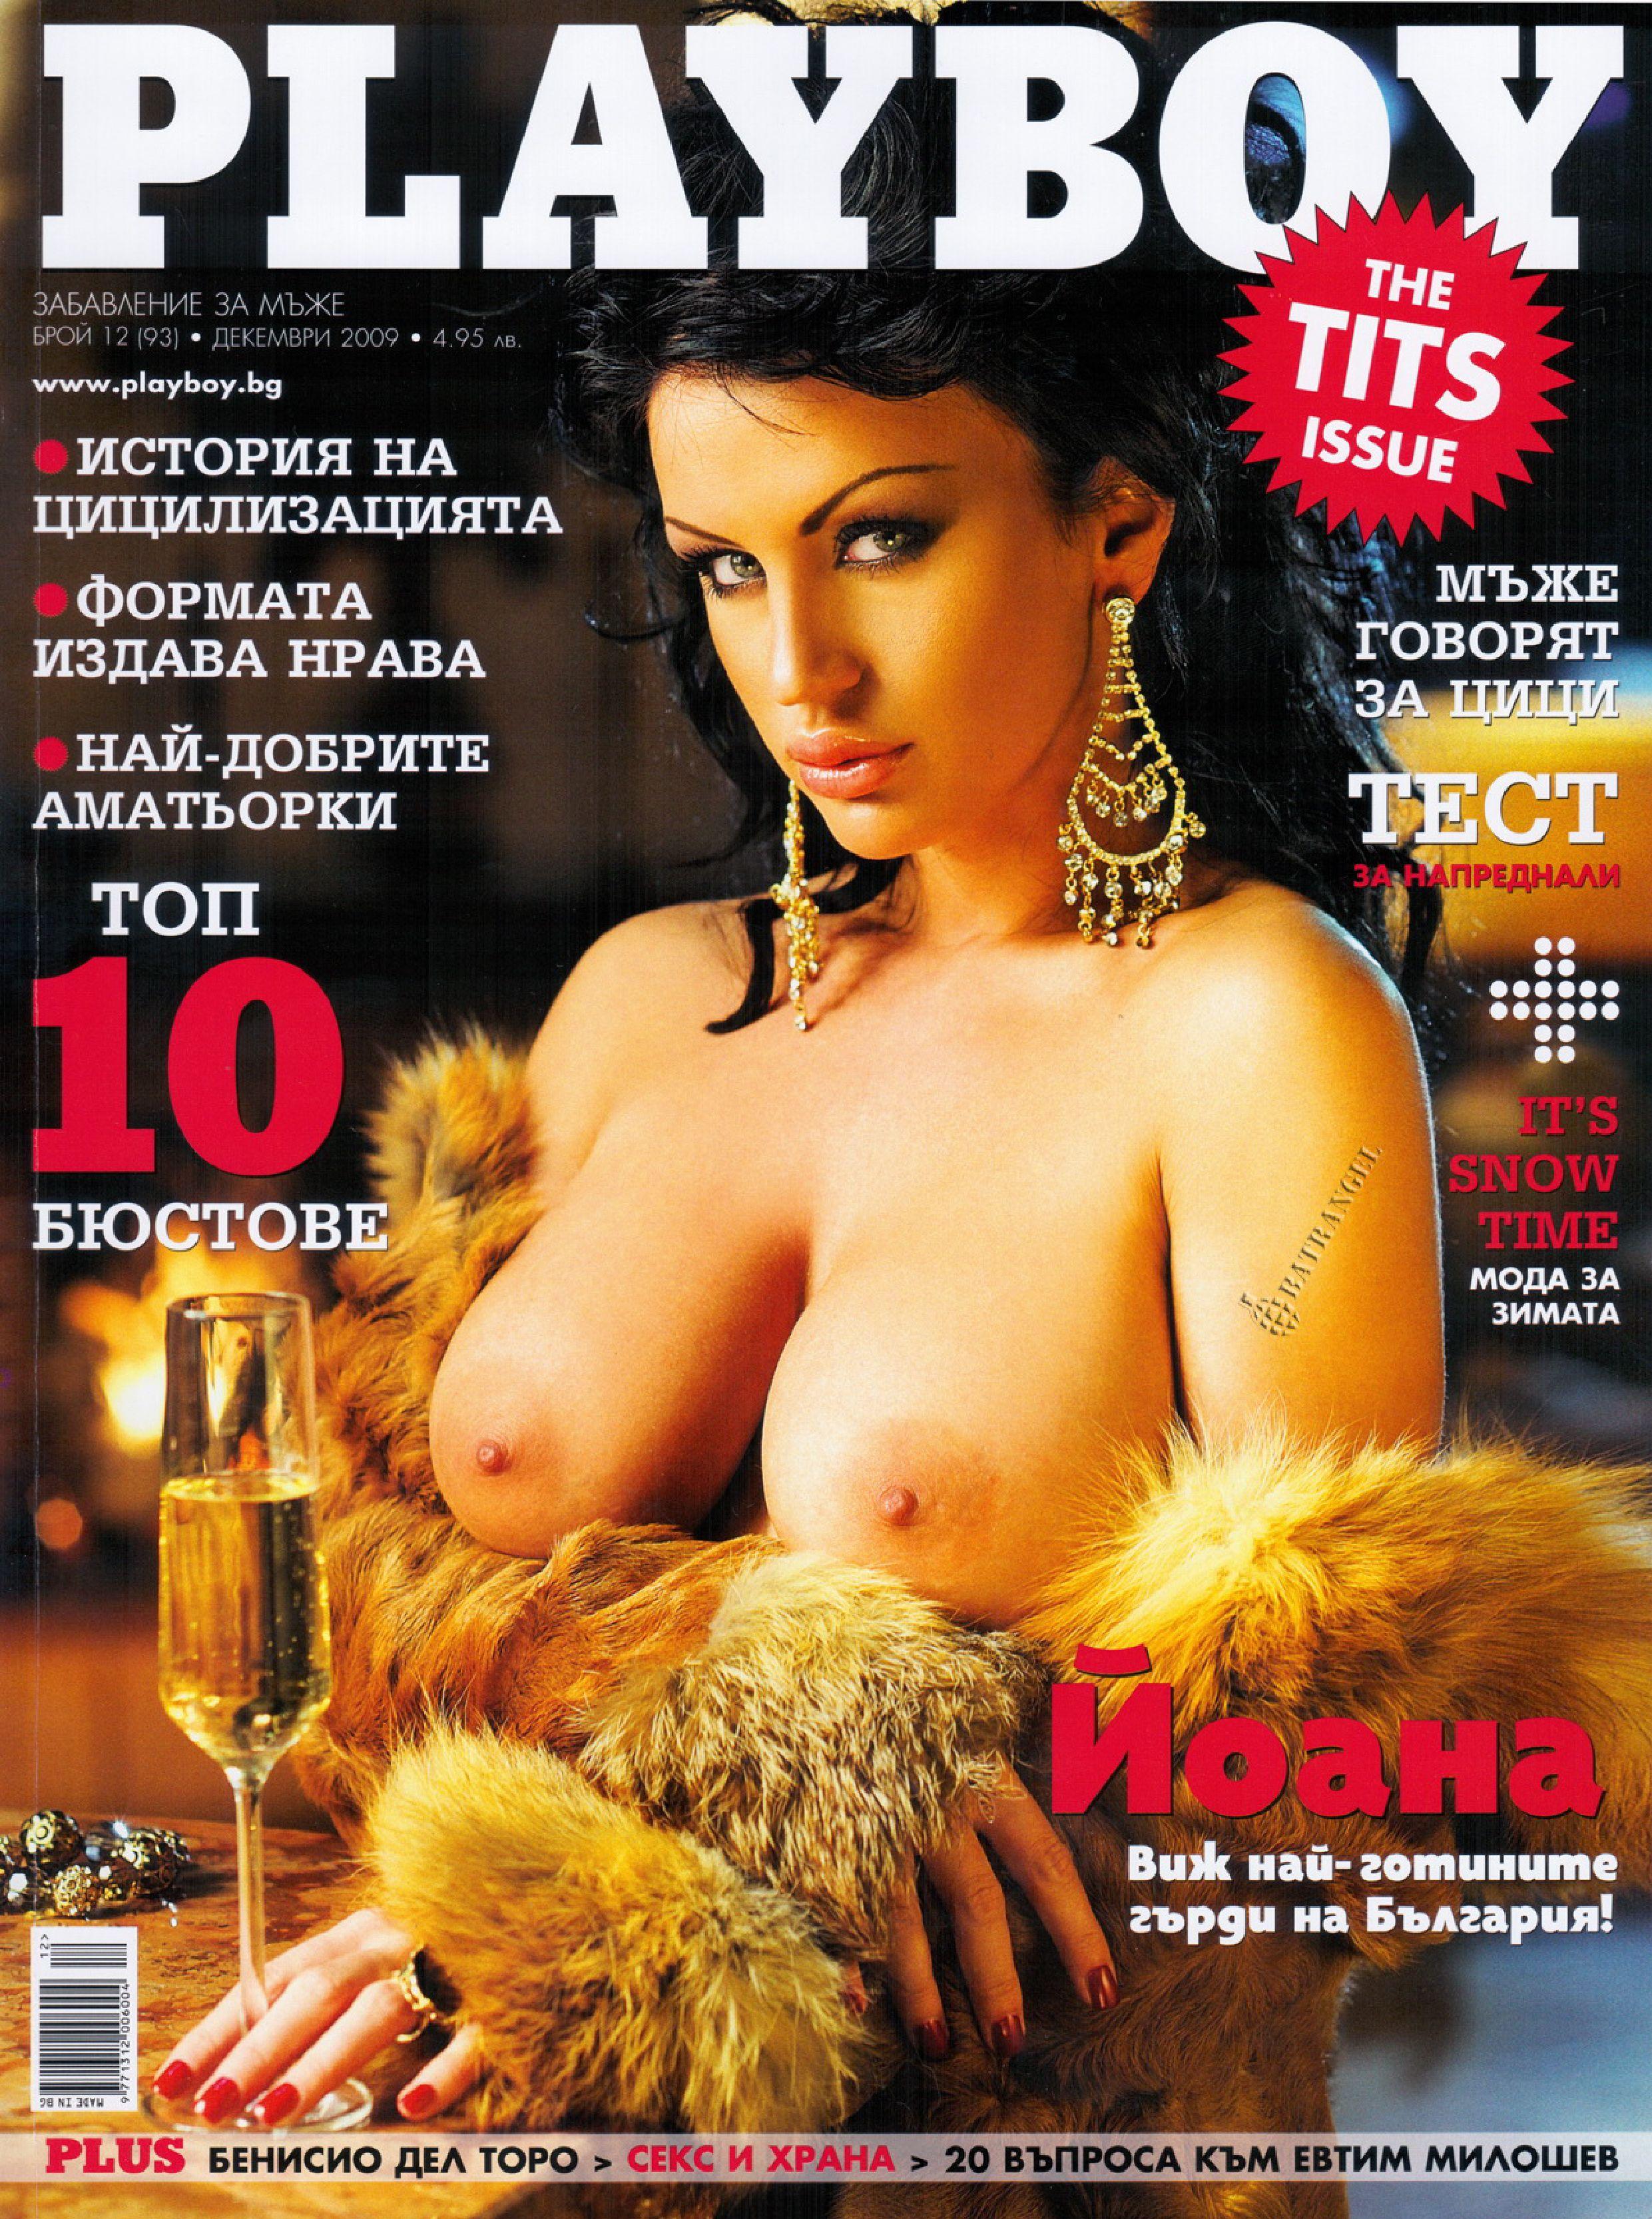 Ролики онлайн журнала плейбой 6 фотография